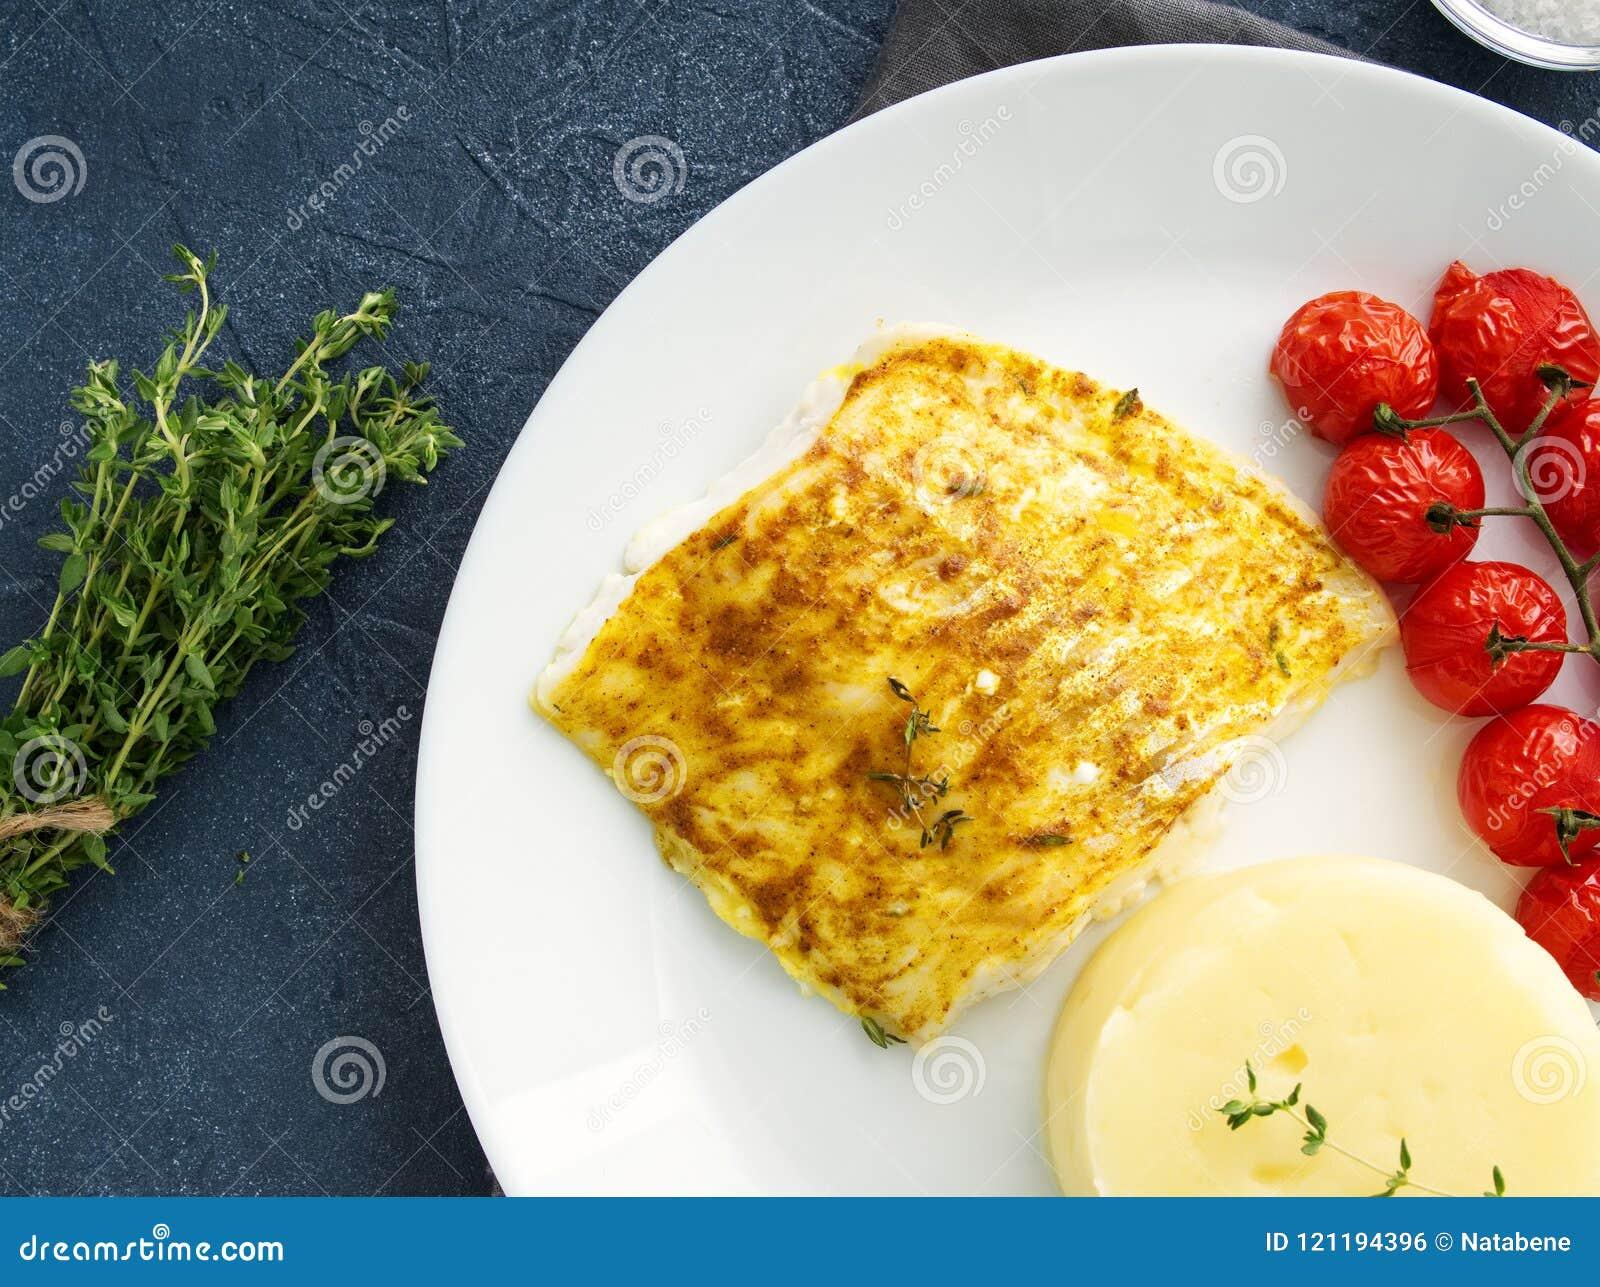 Fiska torsk som bakas i ugn med mosade potatisar, tomater, banta sund mat Mörker - grå bakgrund, bästa sikt